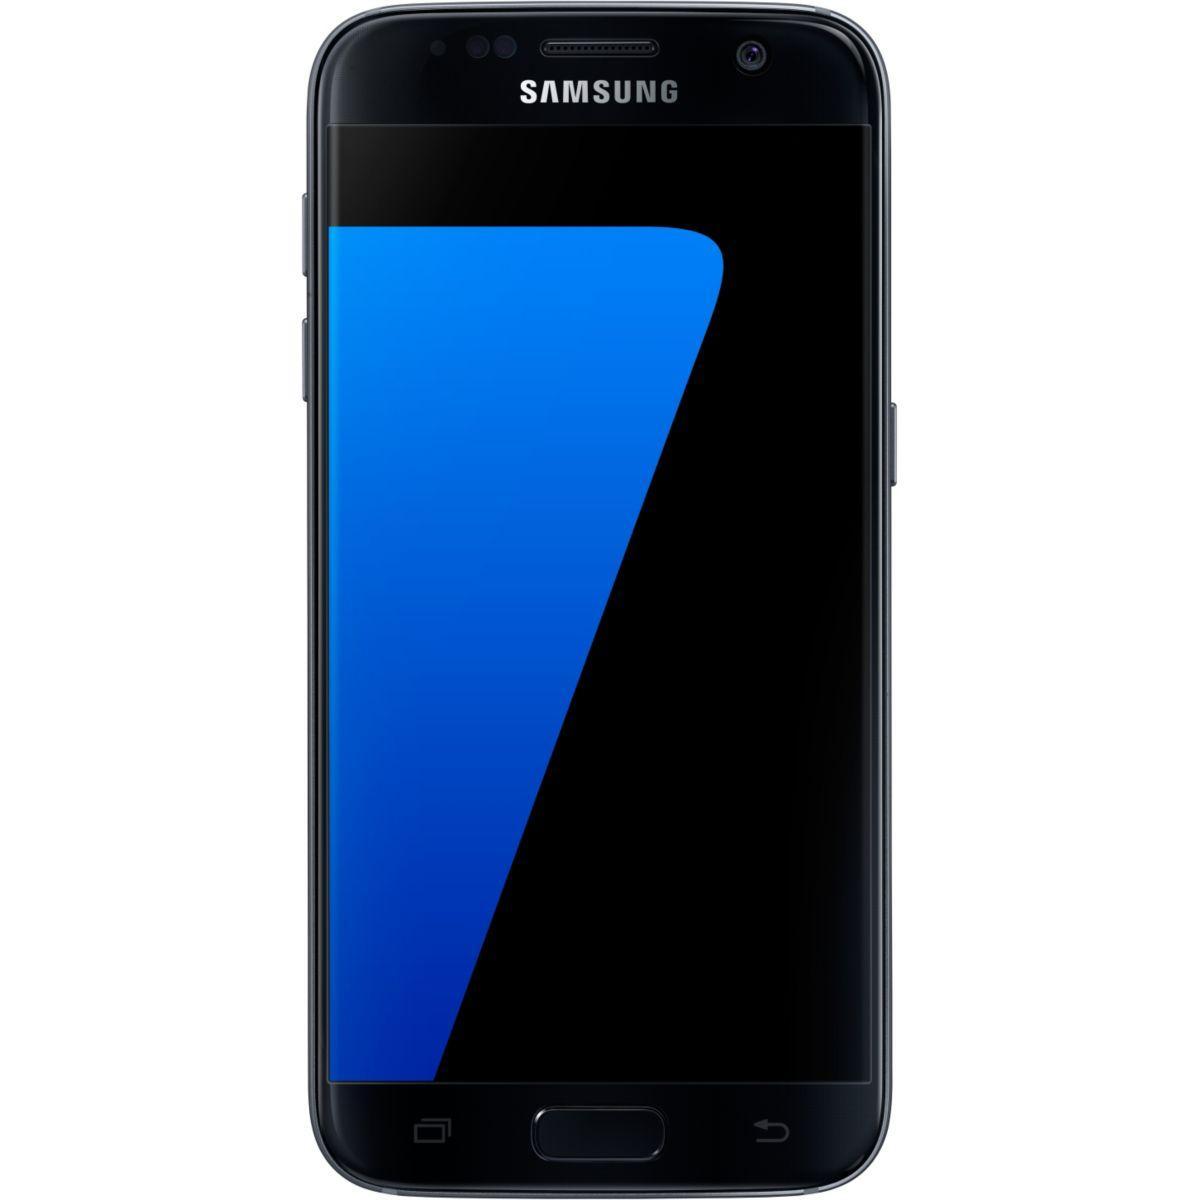 Pack promo smartphone samsung galaxy s7 32 go noir + chargeur samsung pad induction stand noir - soldes et bonnes affaires à prix imbattables